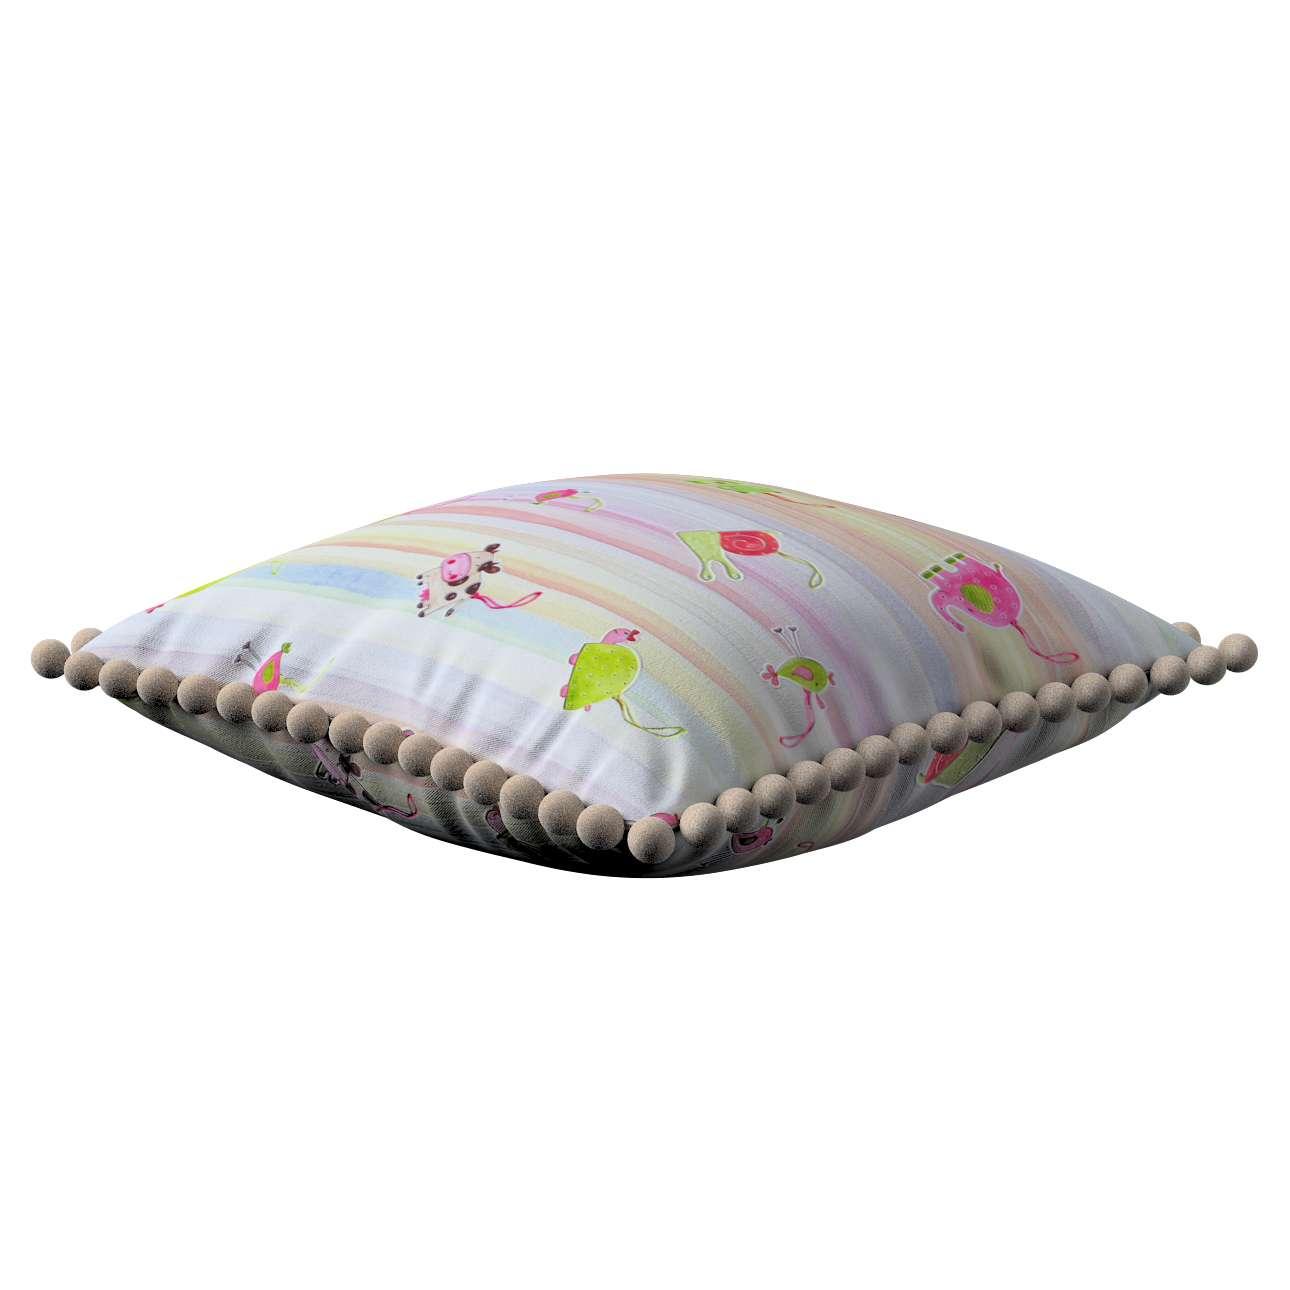 Wera dekoratyvinės pagalvėlės užvalkalas su žaismingais kraštais 45 x 45 cm kolekcijoje Apanona, audinys: 151-05